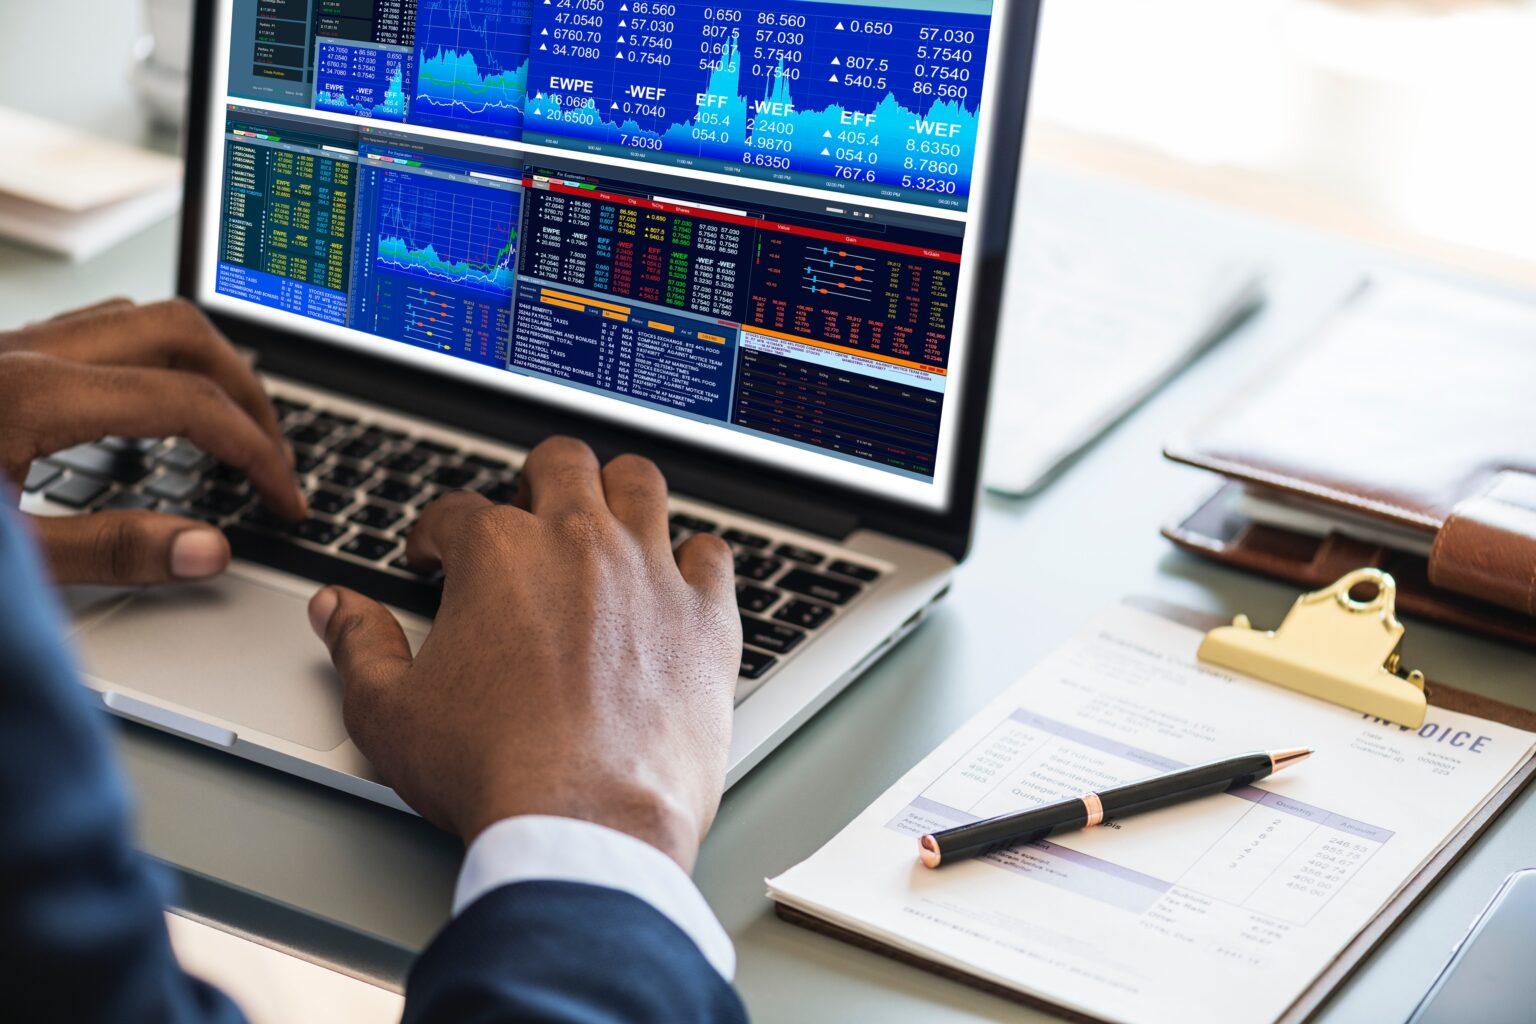 Gestor de investimentos: como ele pode aumentar a rentabilidade?